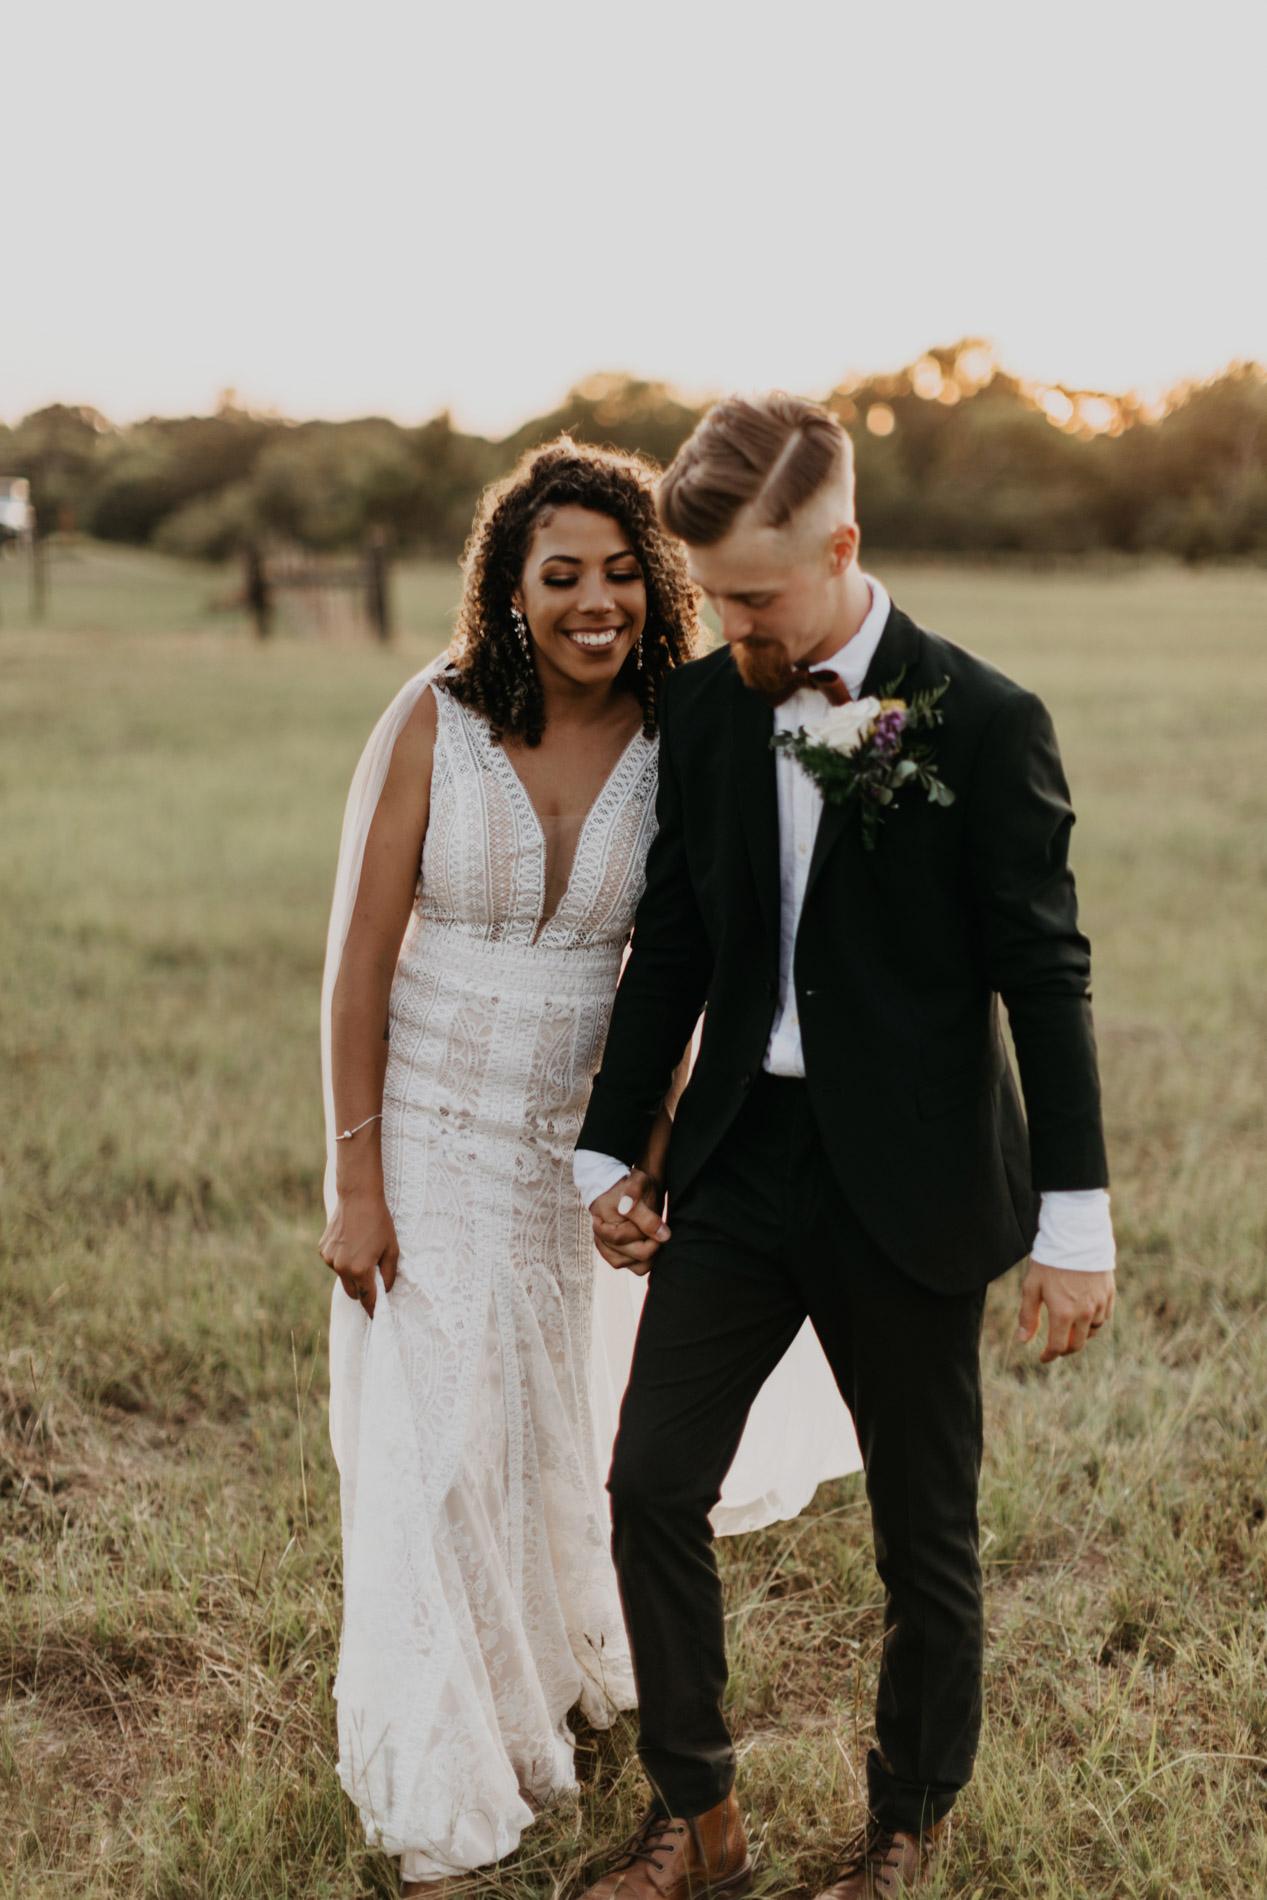 Bride and groom walking in field in East Texas